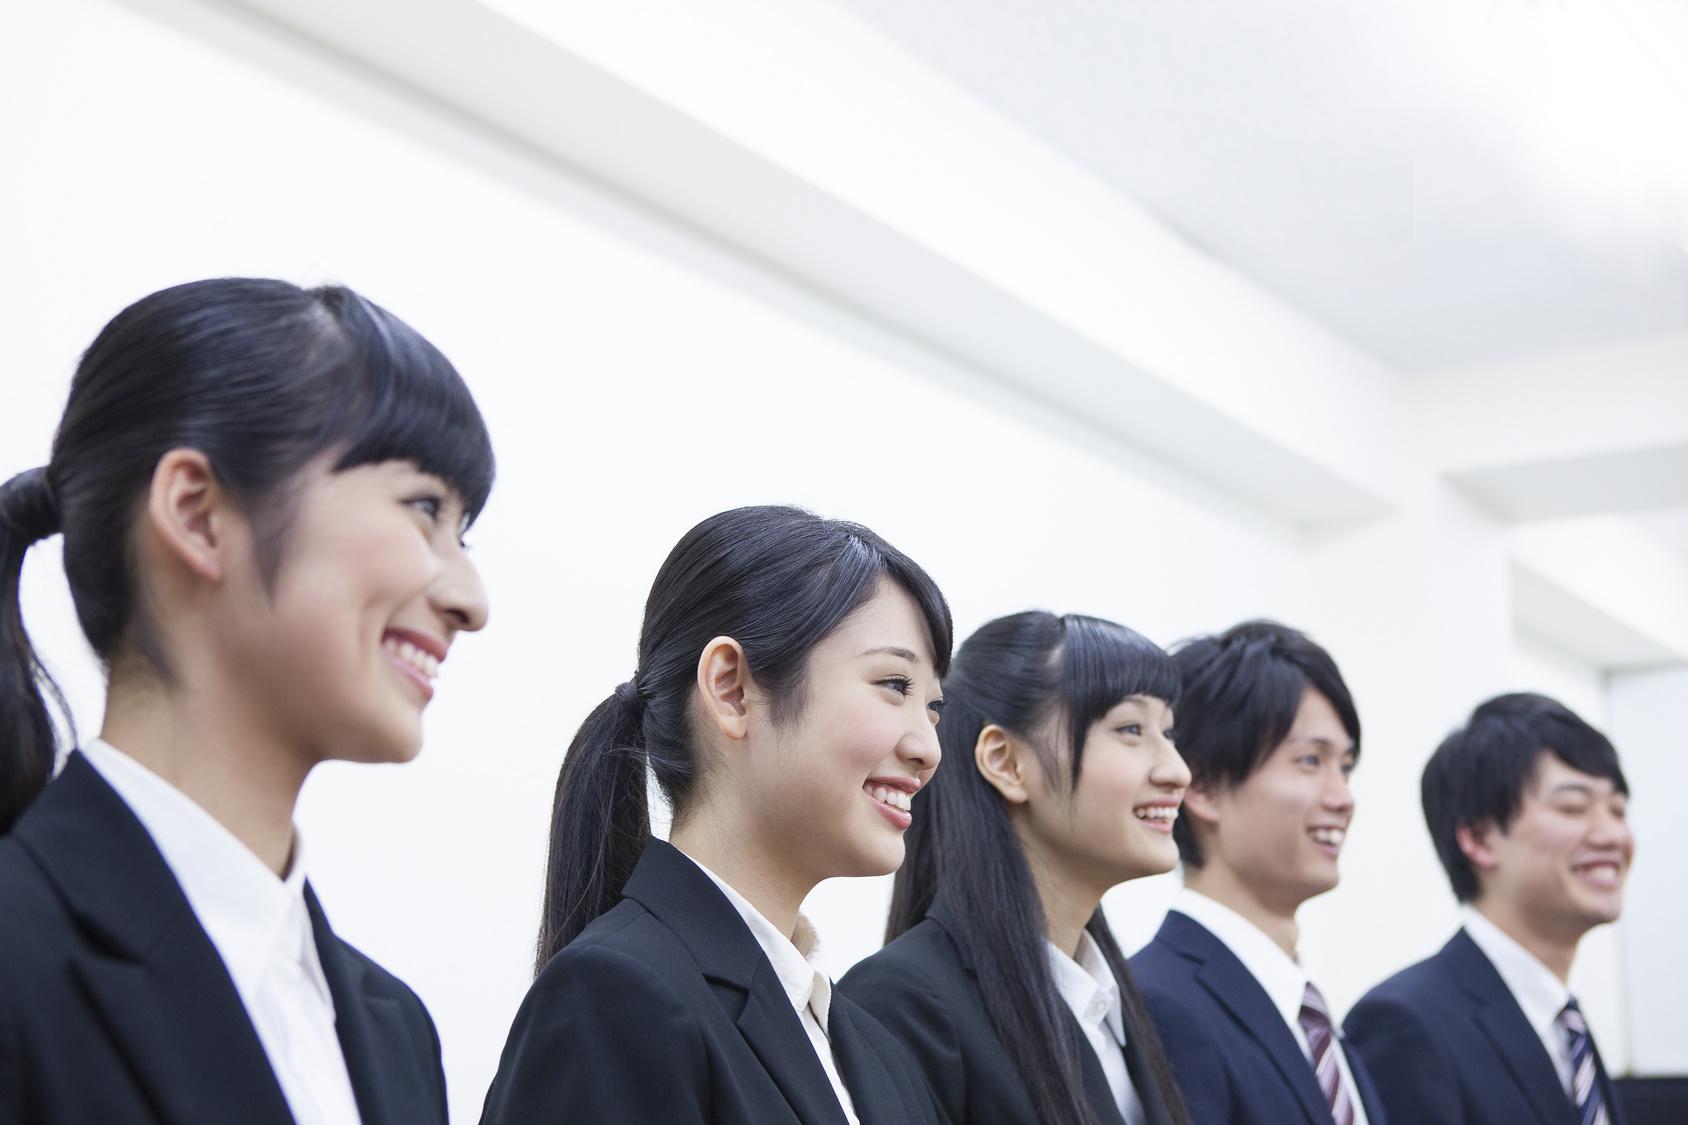 現役転職エージェントが教える転職面接の基本マナー講座② 受付